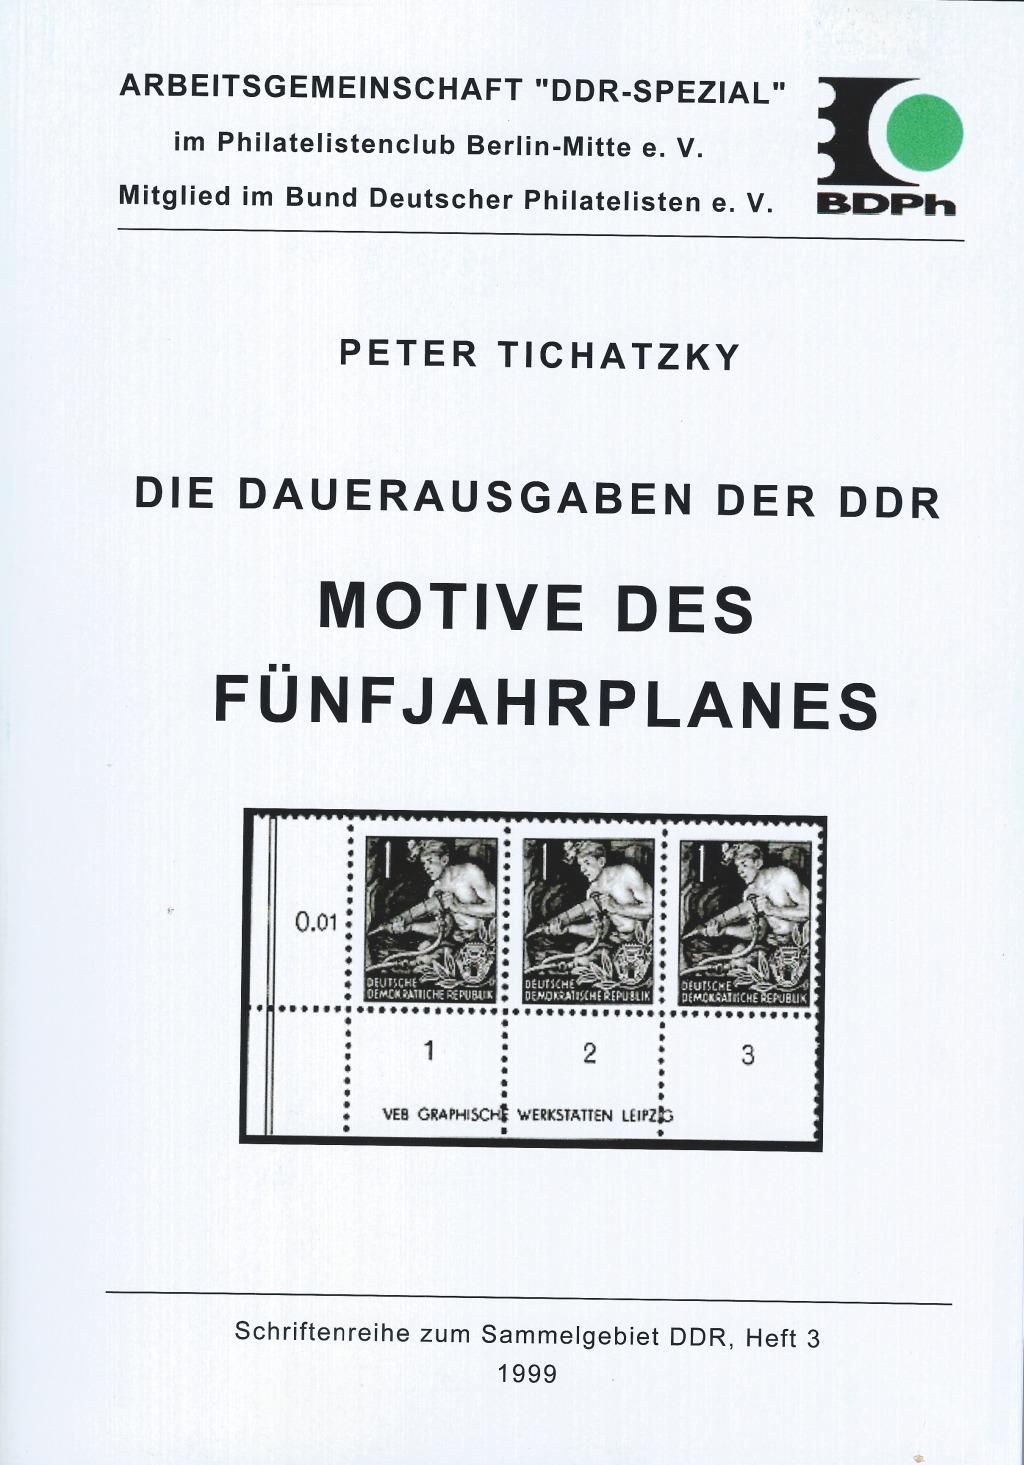 Philatelie DDR Dauerserie Fünfjahrplan Motive